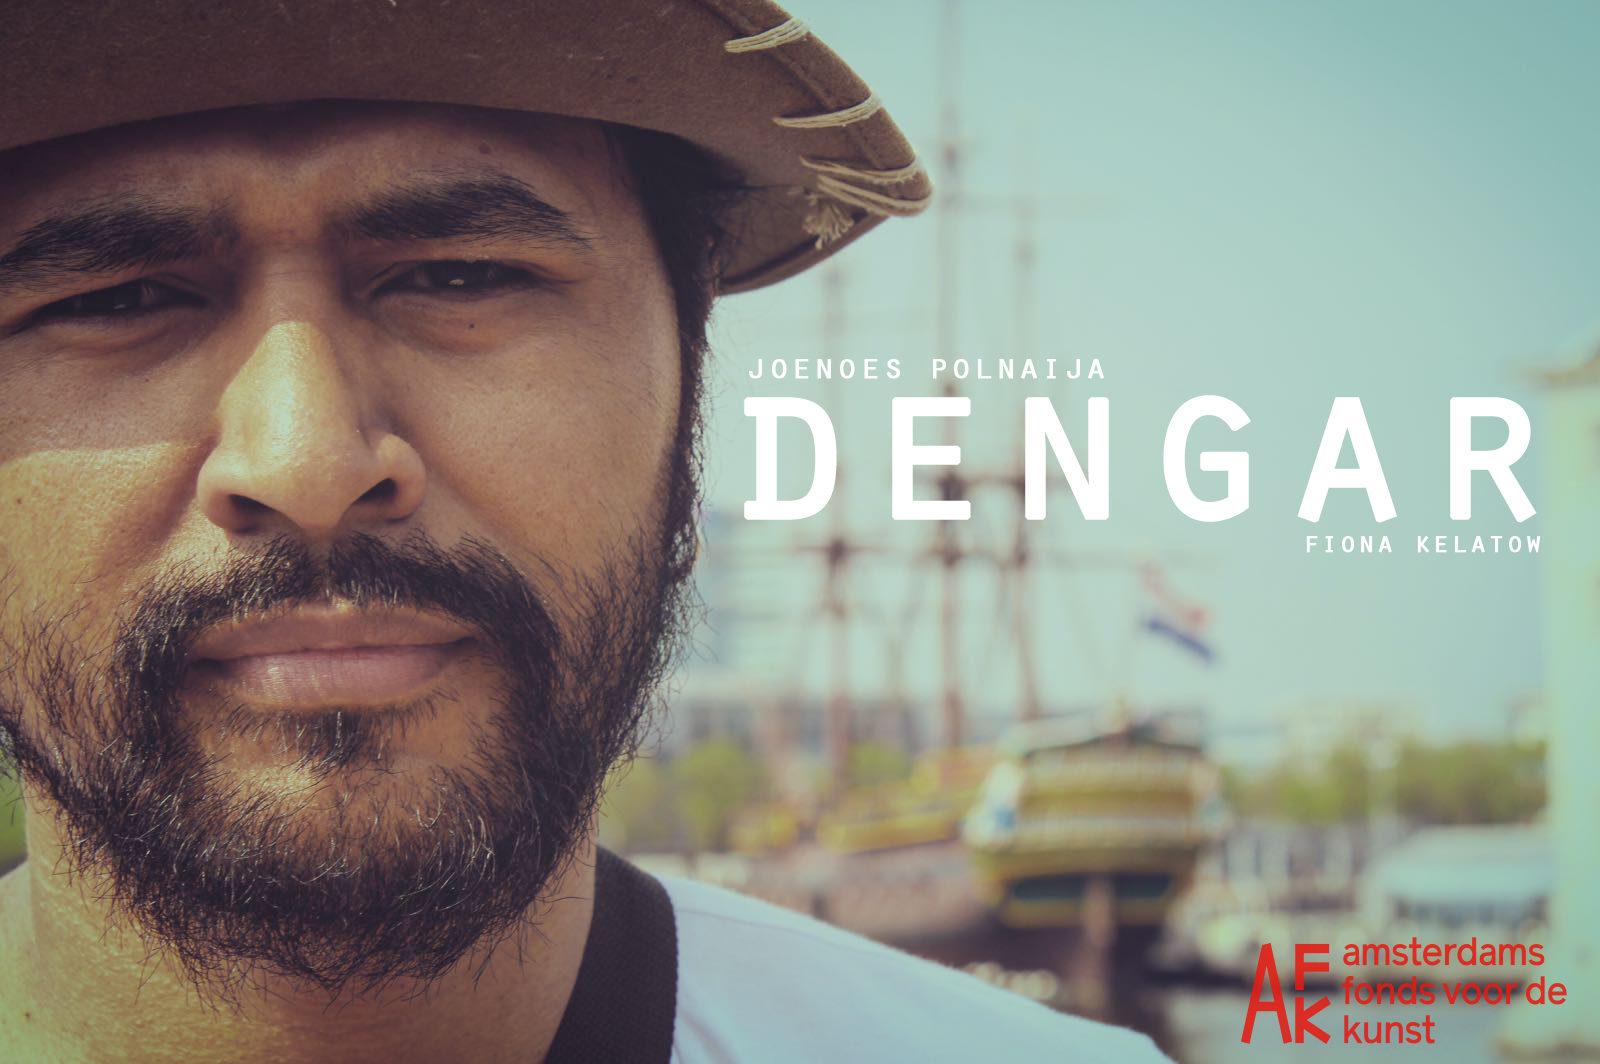 DENGAR-flyer-2018